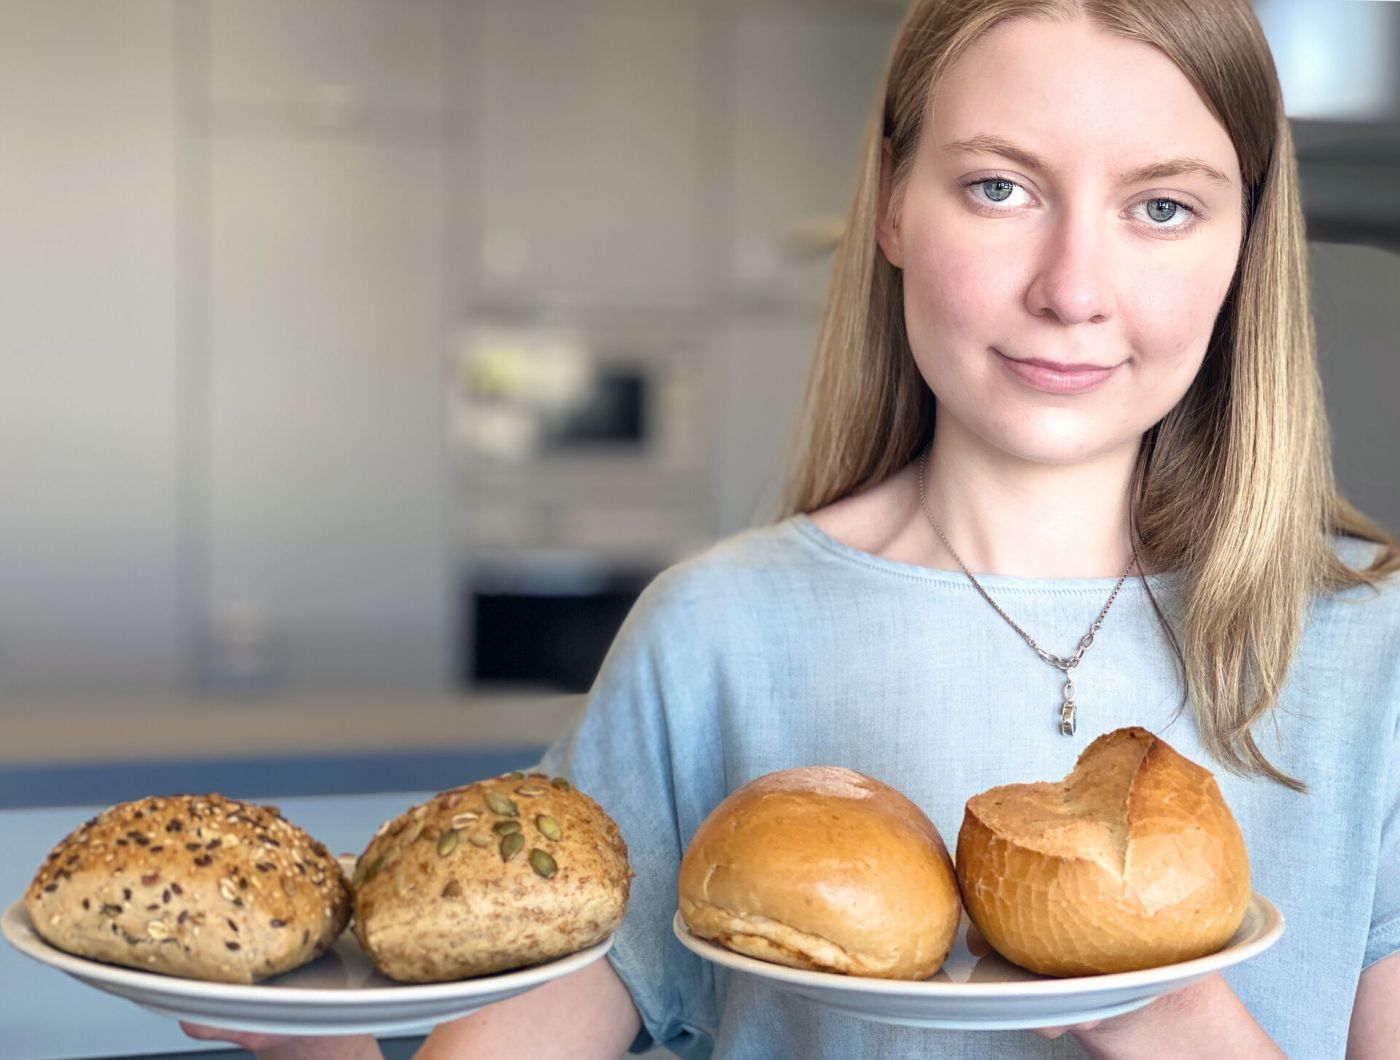 Eine junge Frau hält zwei Teller ins Bild. Links sind Vollkorn-, rechts Weizenbrötchen.